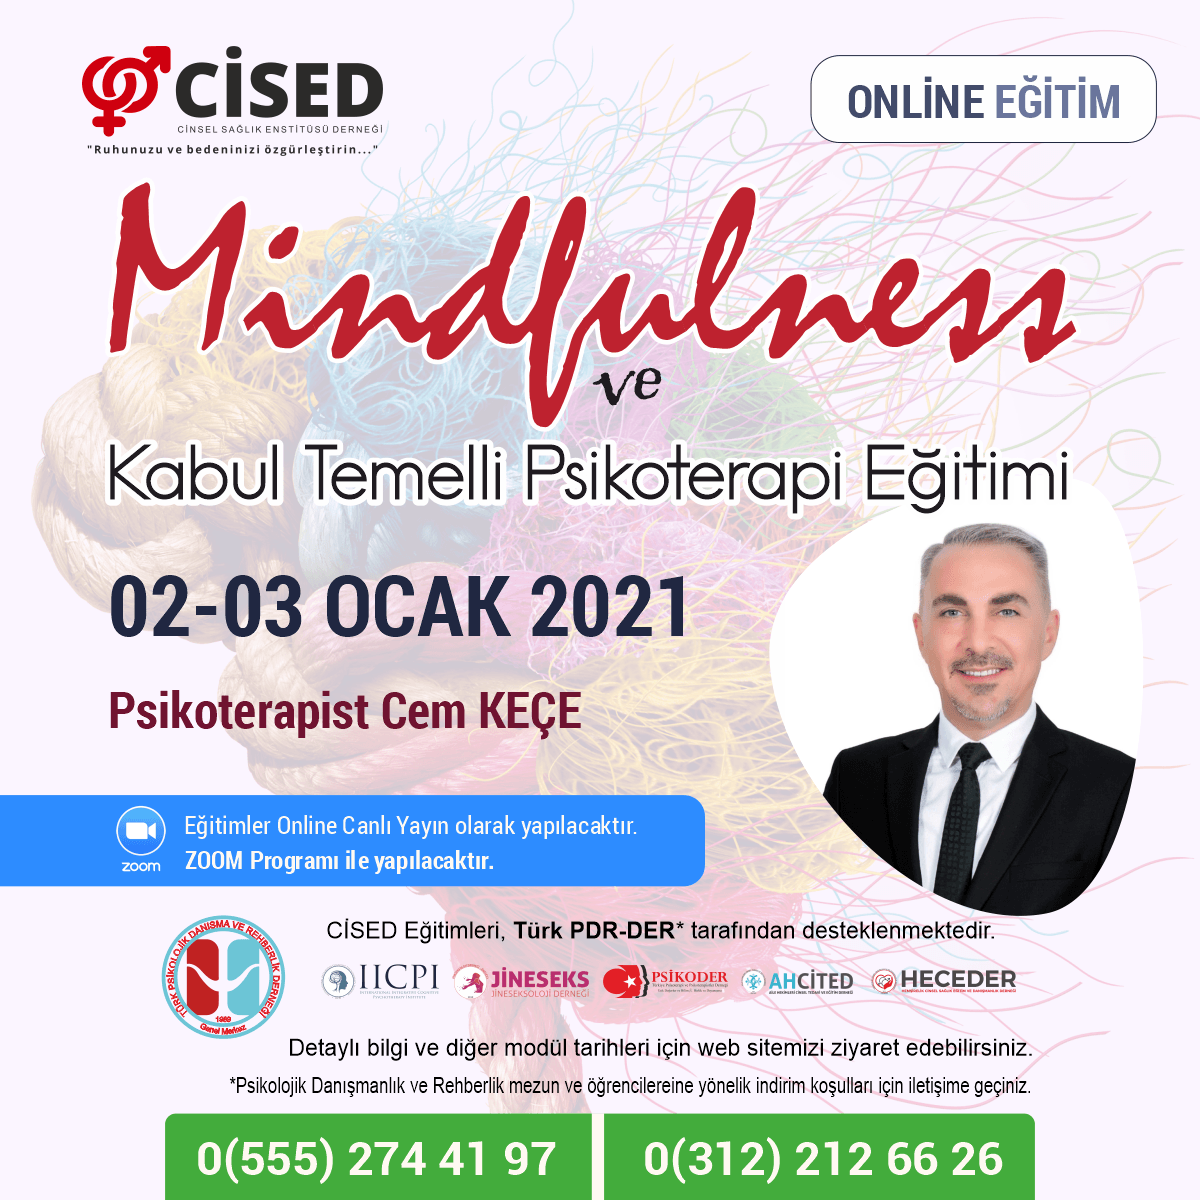 Mindfulness (Bilinçli Farkındalık) ve Kabul Temelli Psikoterapi Eğitimi